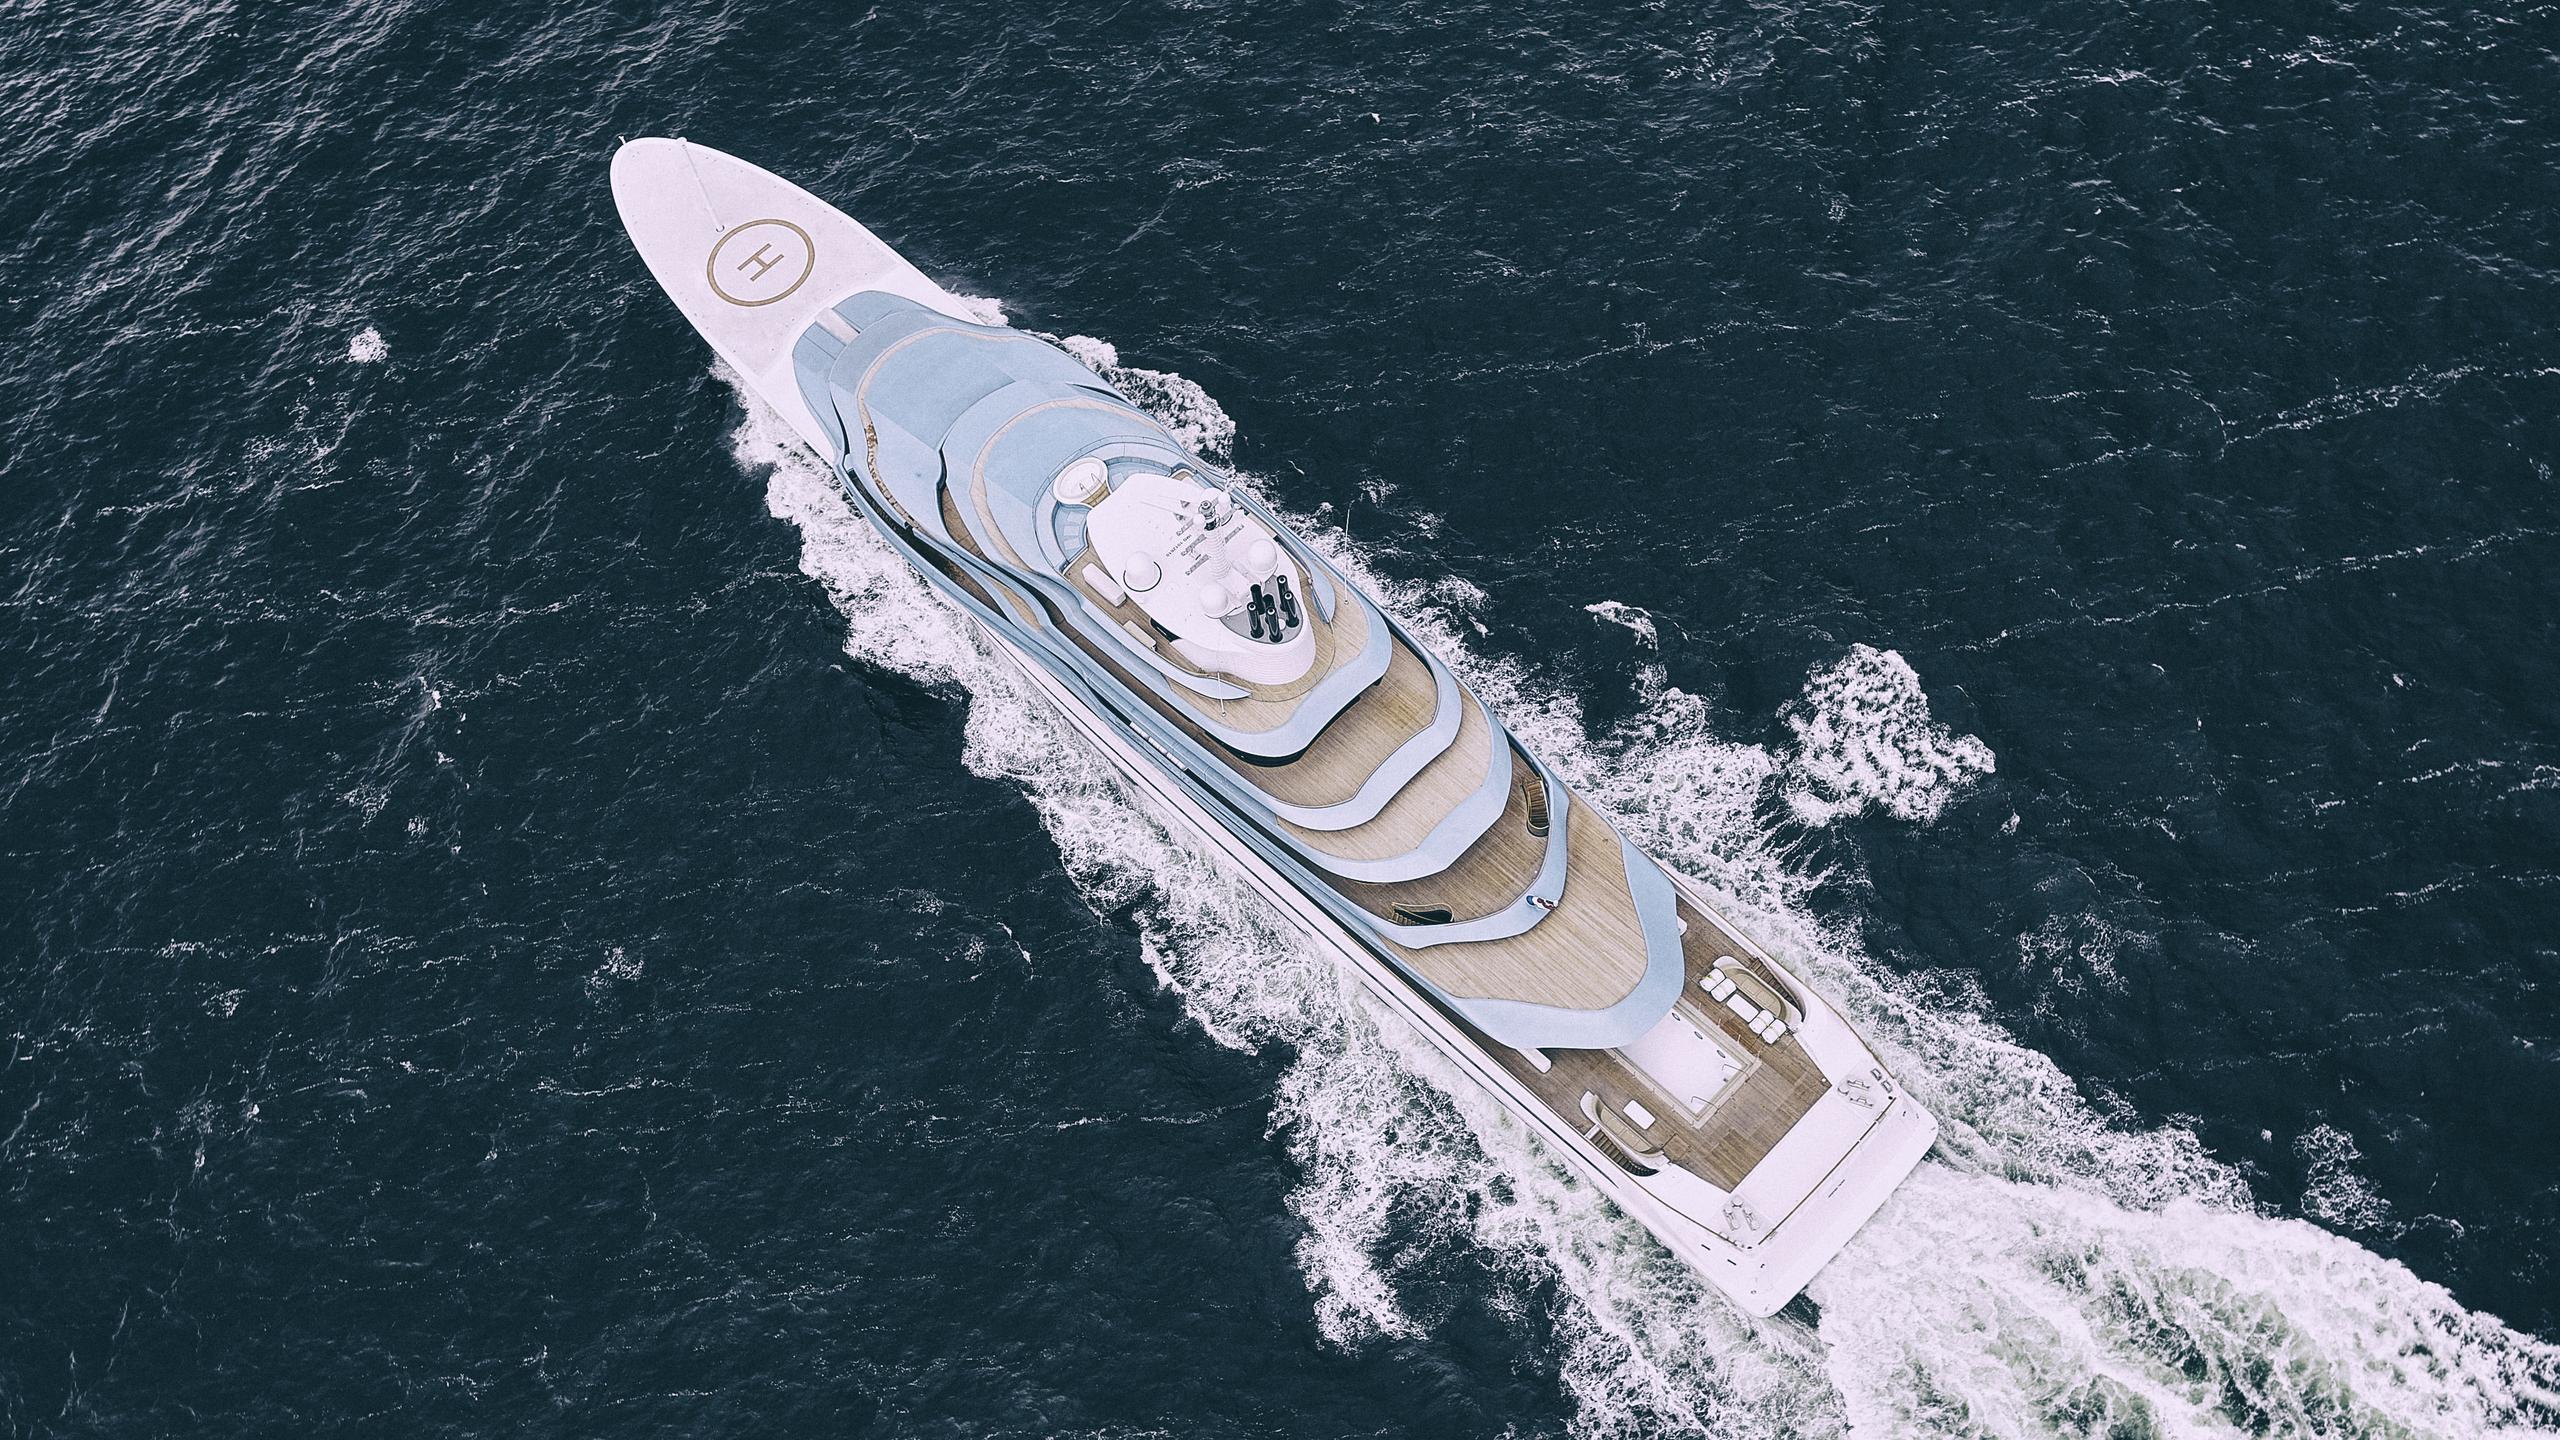 jubilee motoryacht oceanco y714 110m 2017 aerial